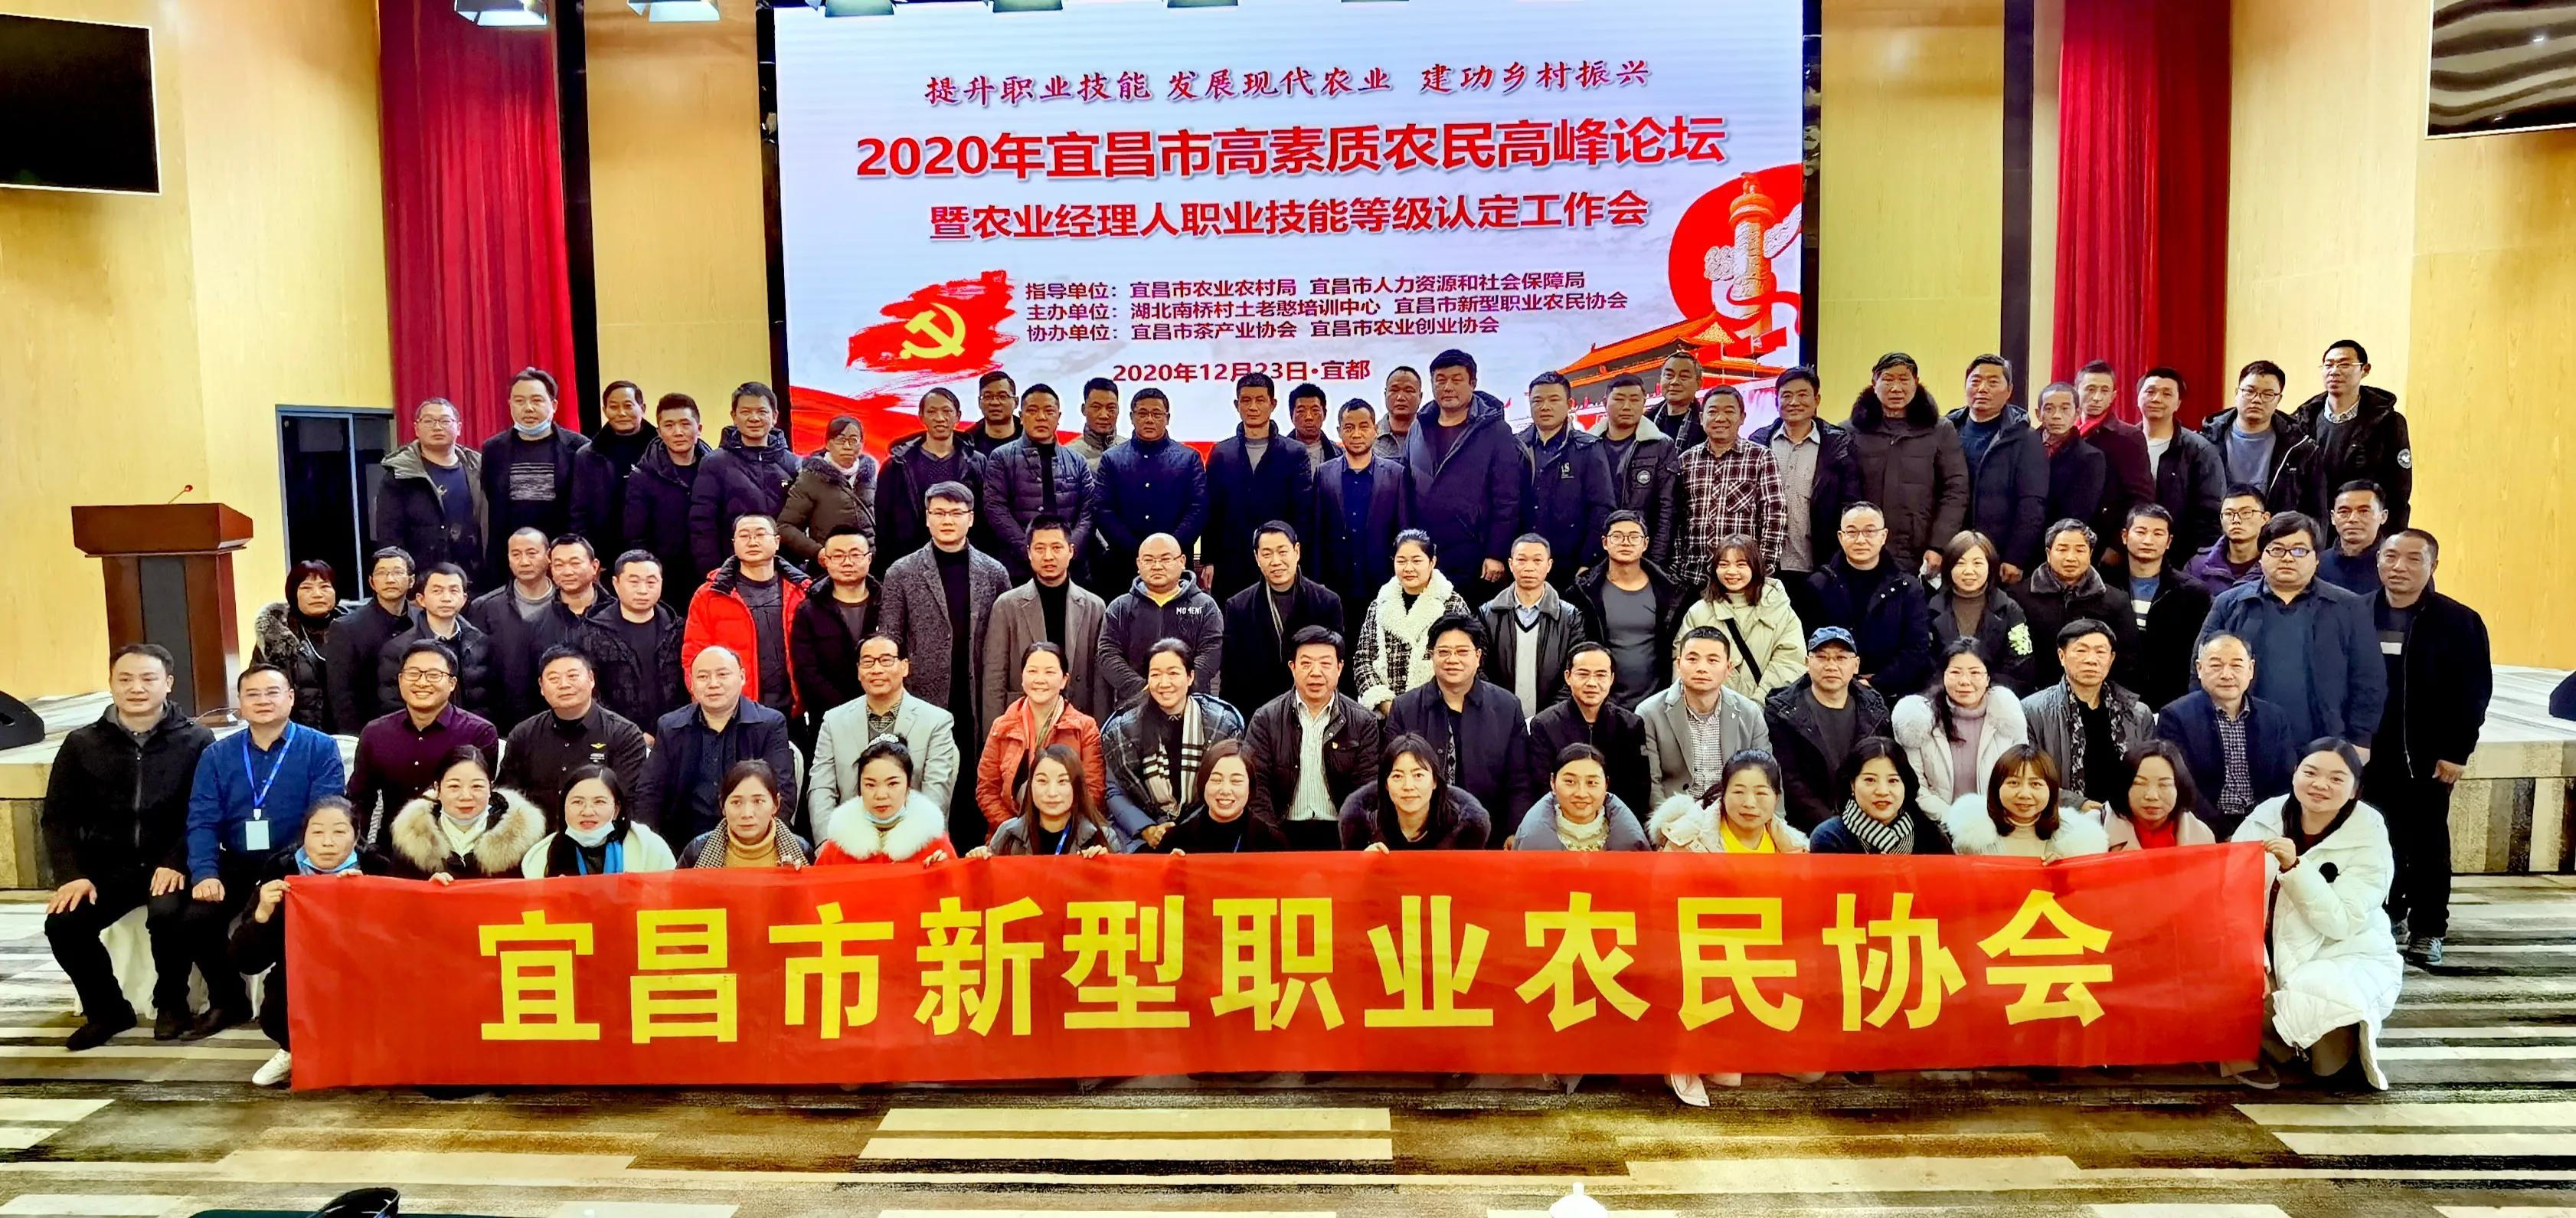 湖北宜昌:举办高素质农民高峰论坛,11人畅说乡村振兴金点子